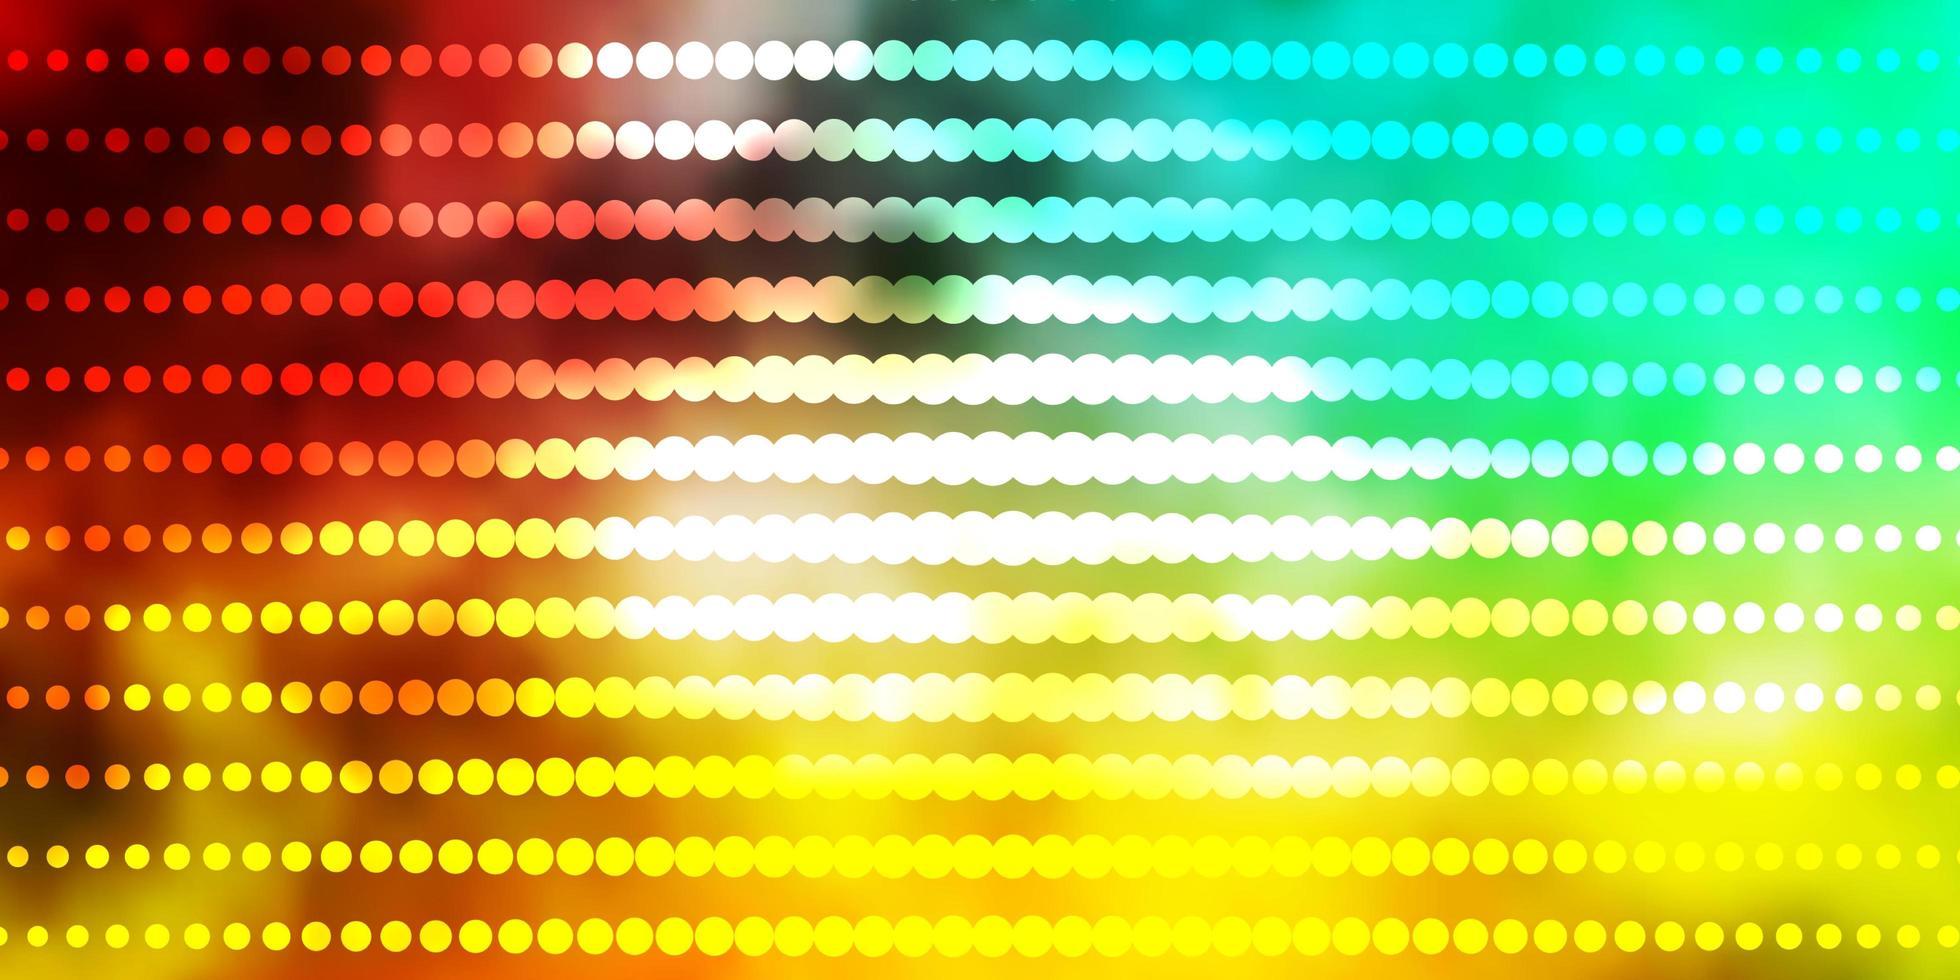 mehrfarbige Vorlage mit Kreisen. vektor